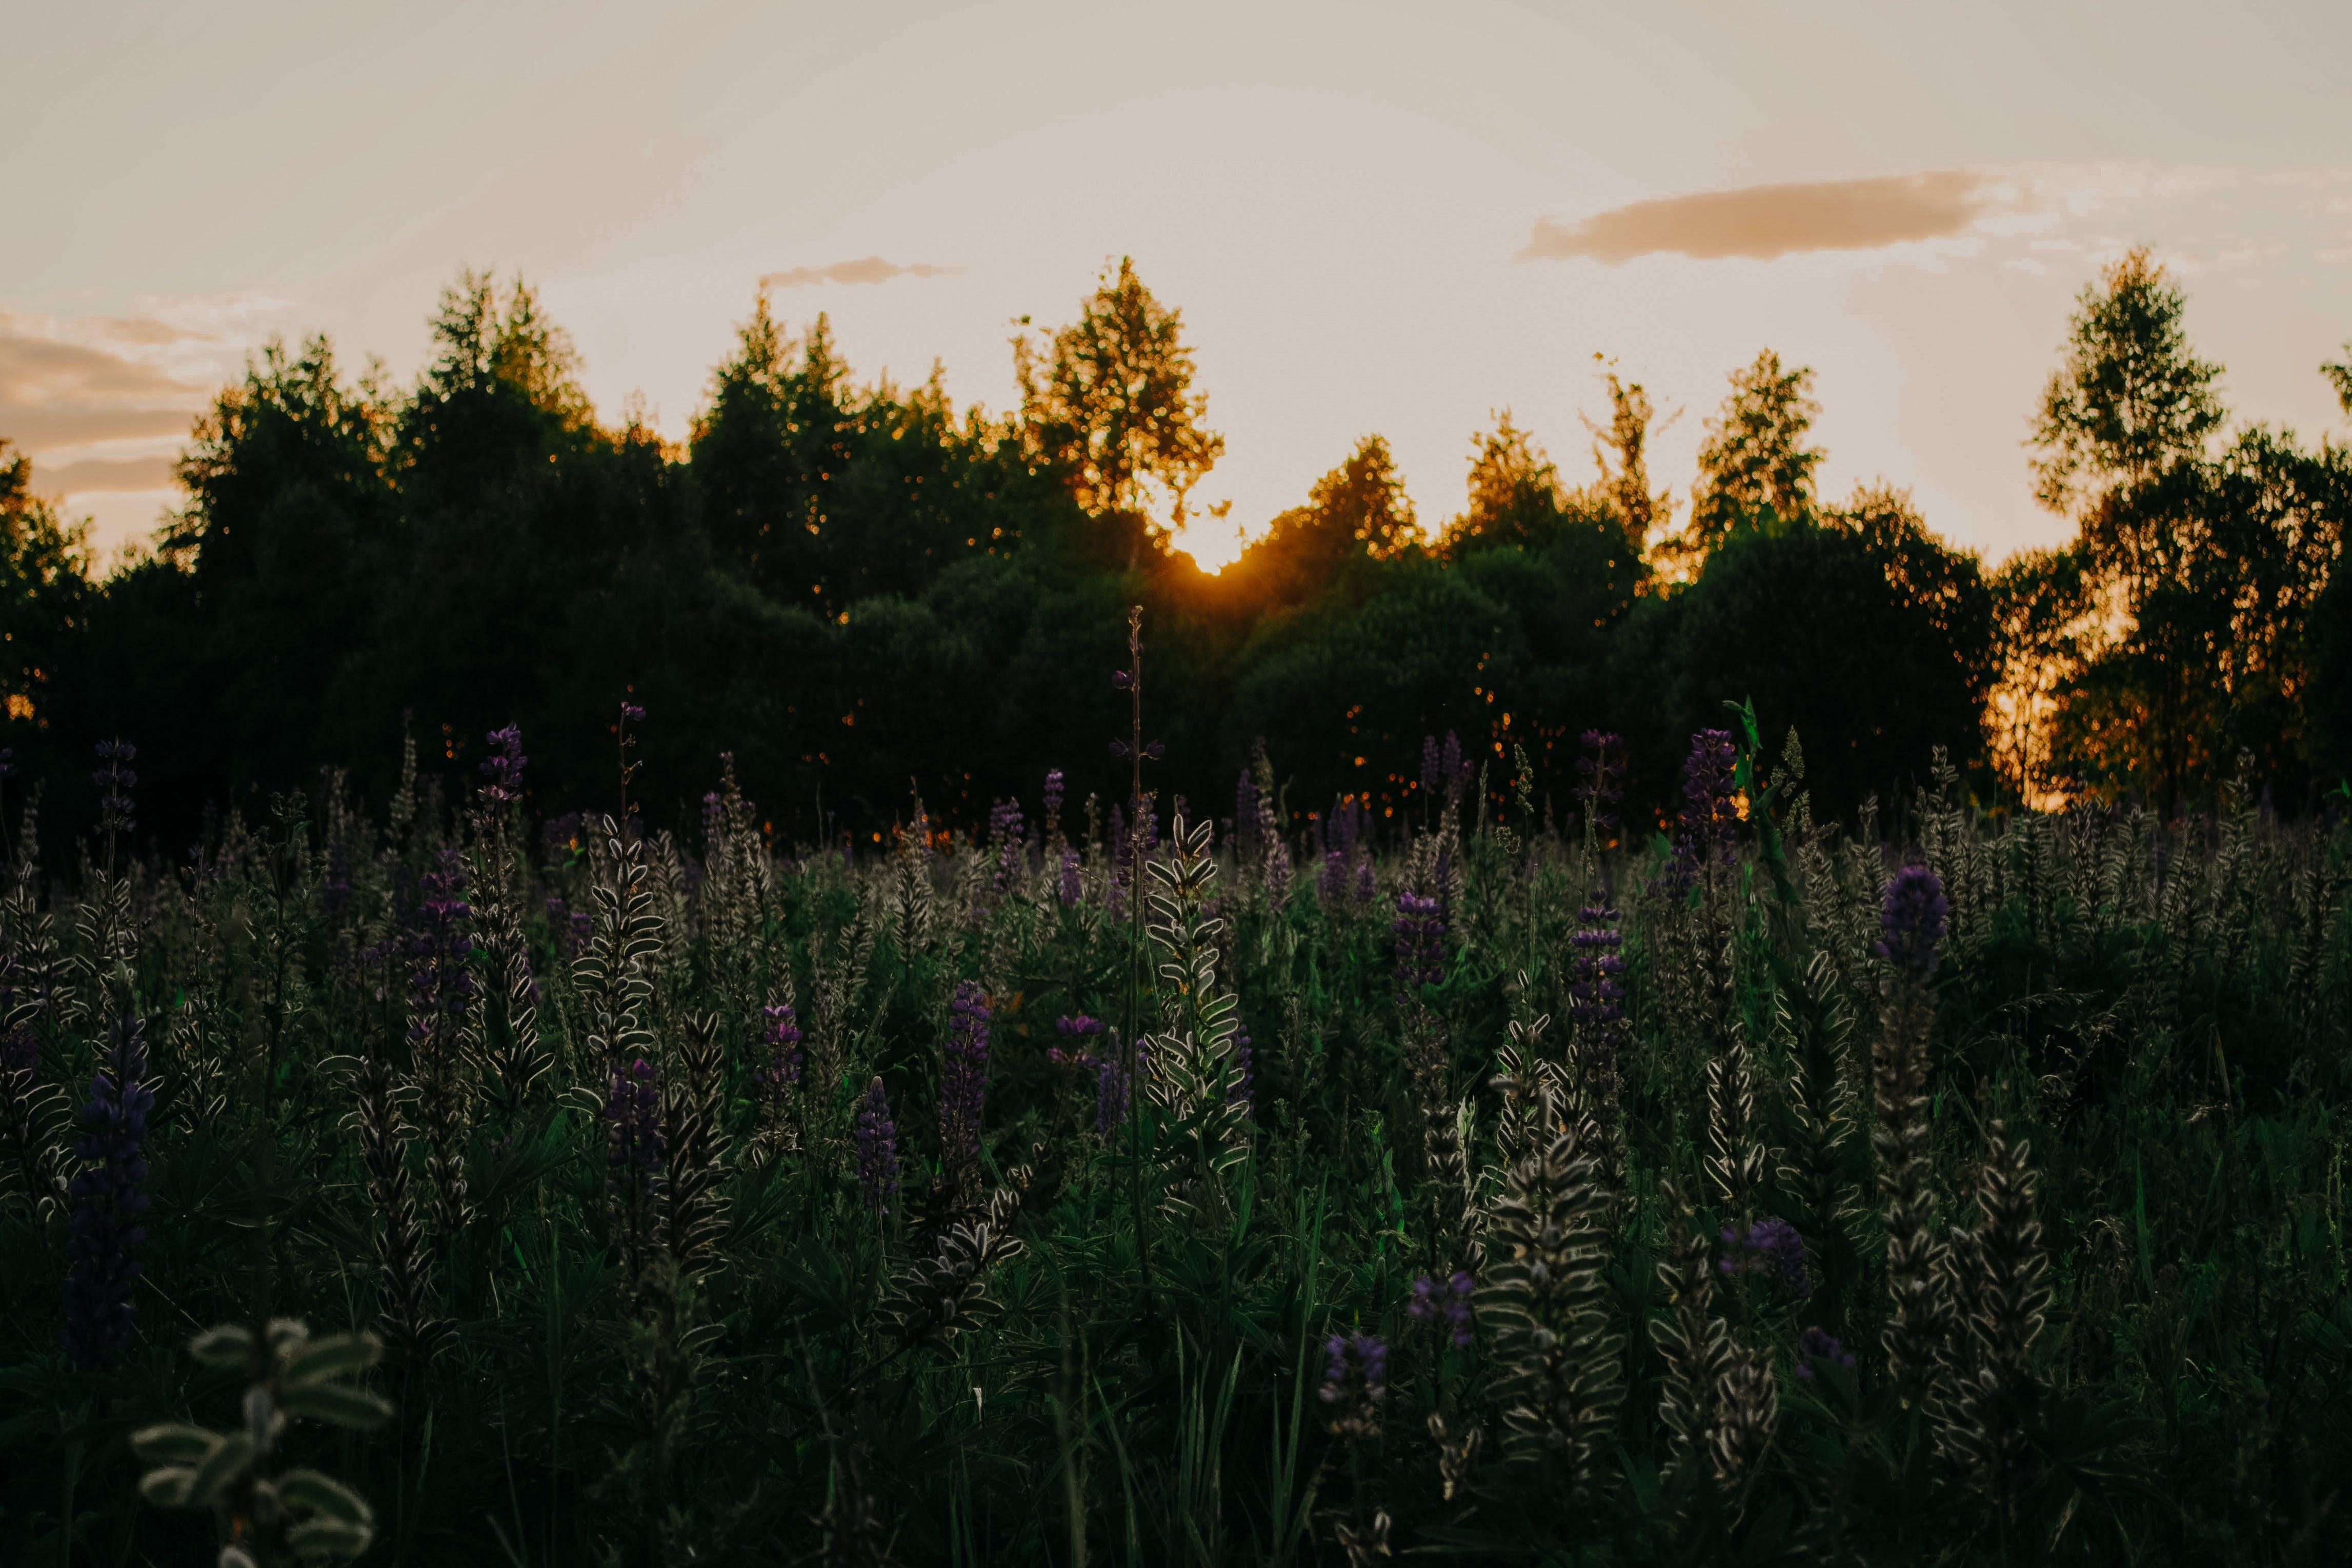 가벼운, 경치, 꽃, 나무의 무료 스톡 사진